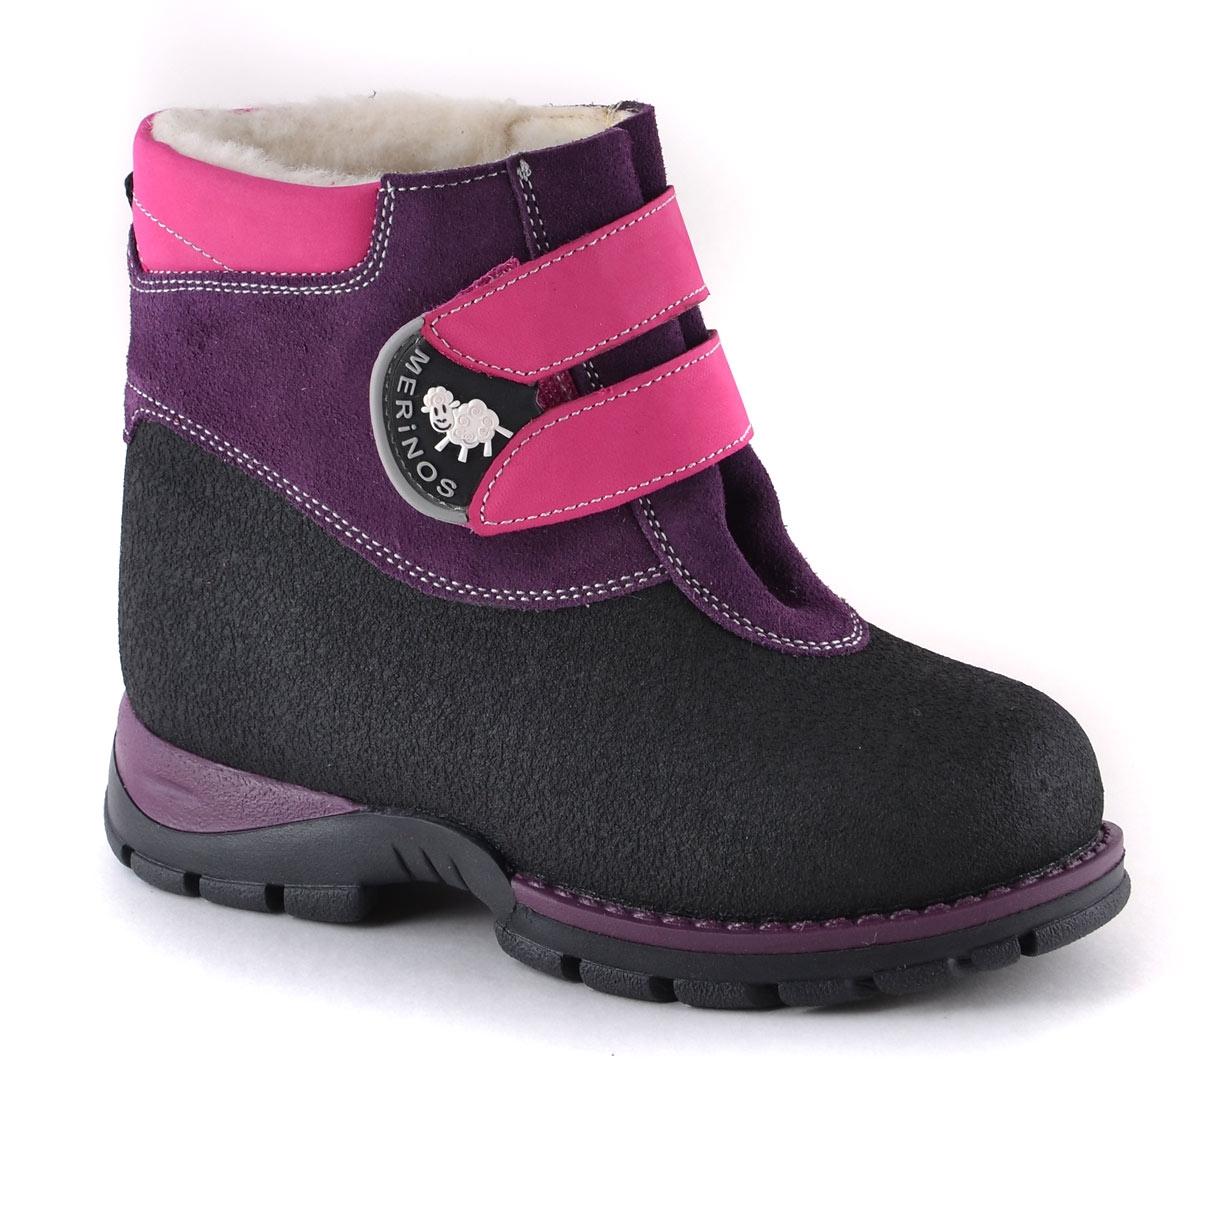 Ботинки Детский Скороход 15-631-3 ботинки ясельные для девочки детский скороход бордовые